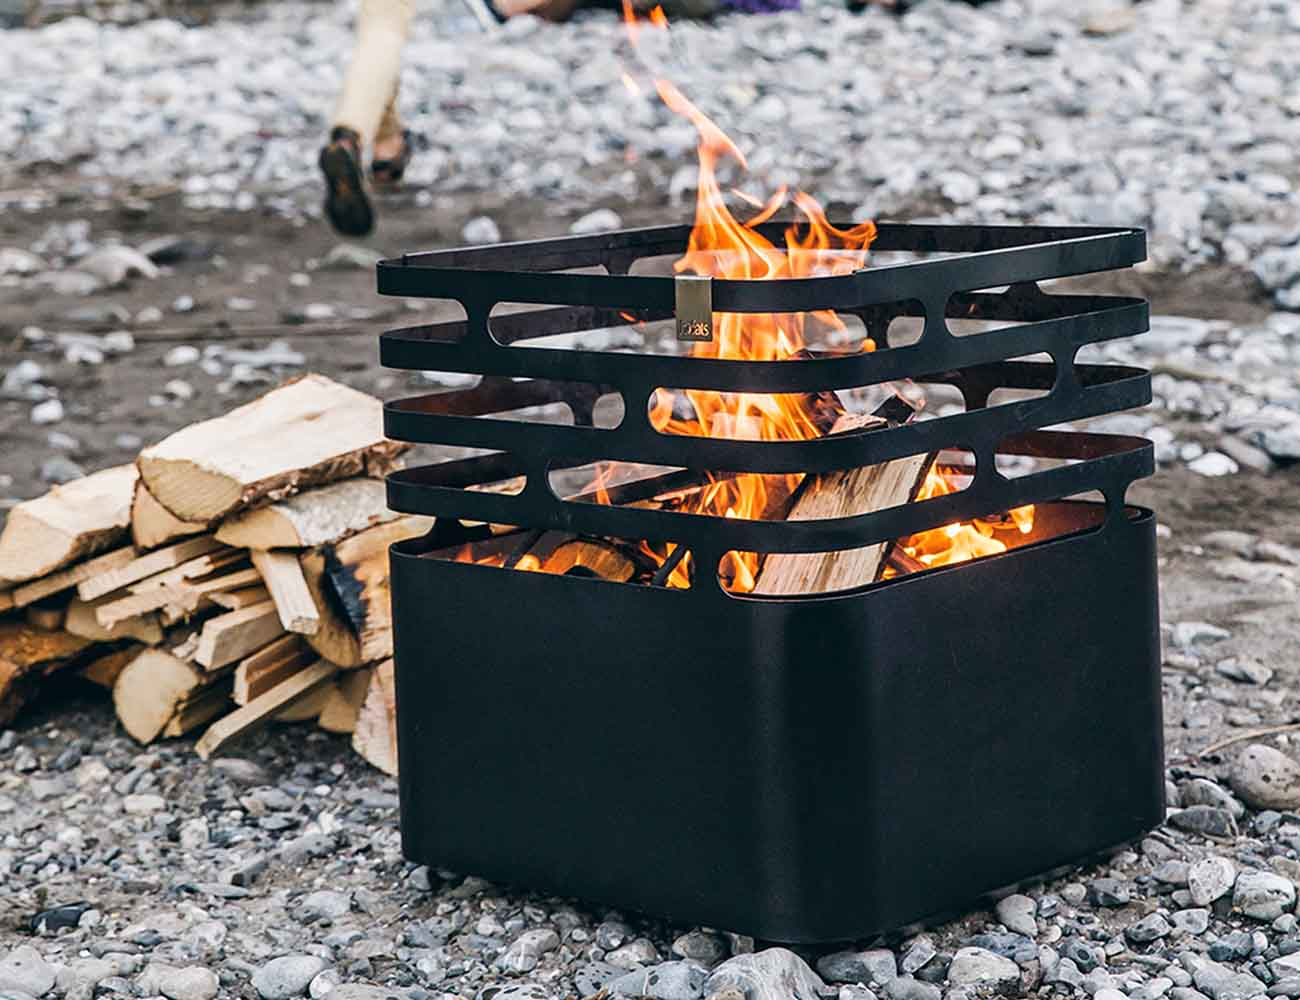 hofats-cube-fire-basket-1